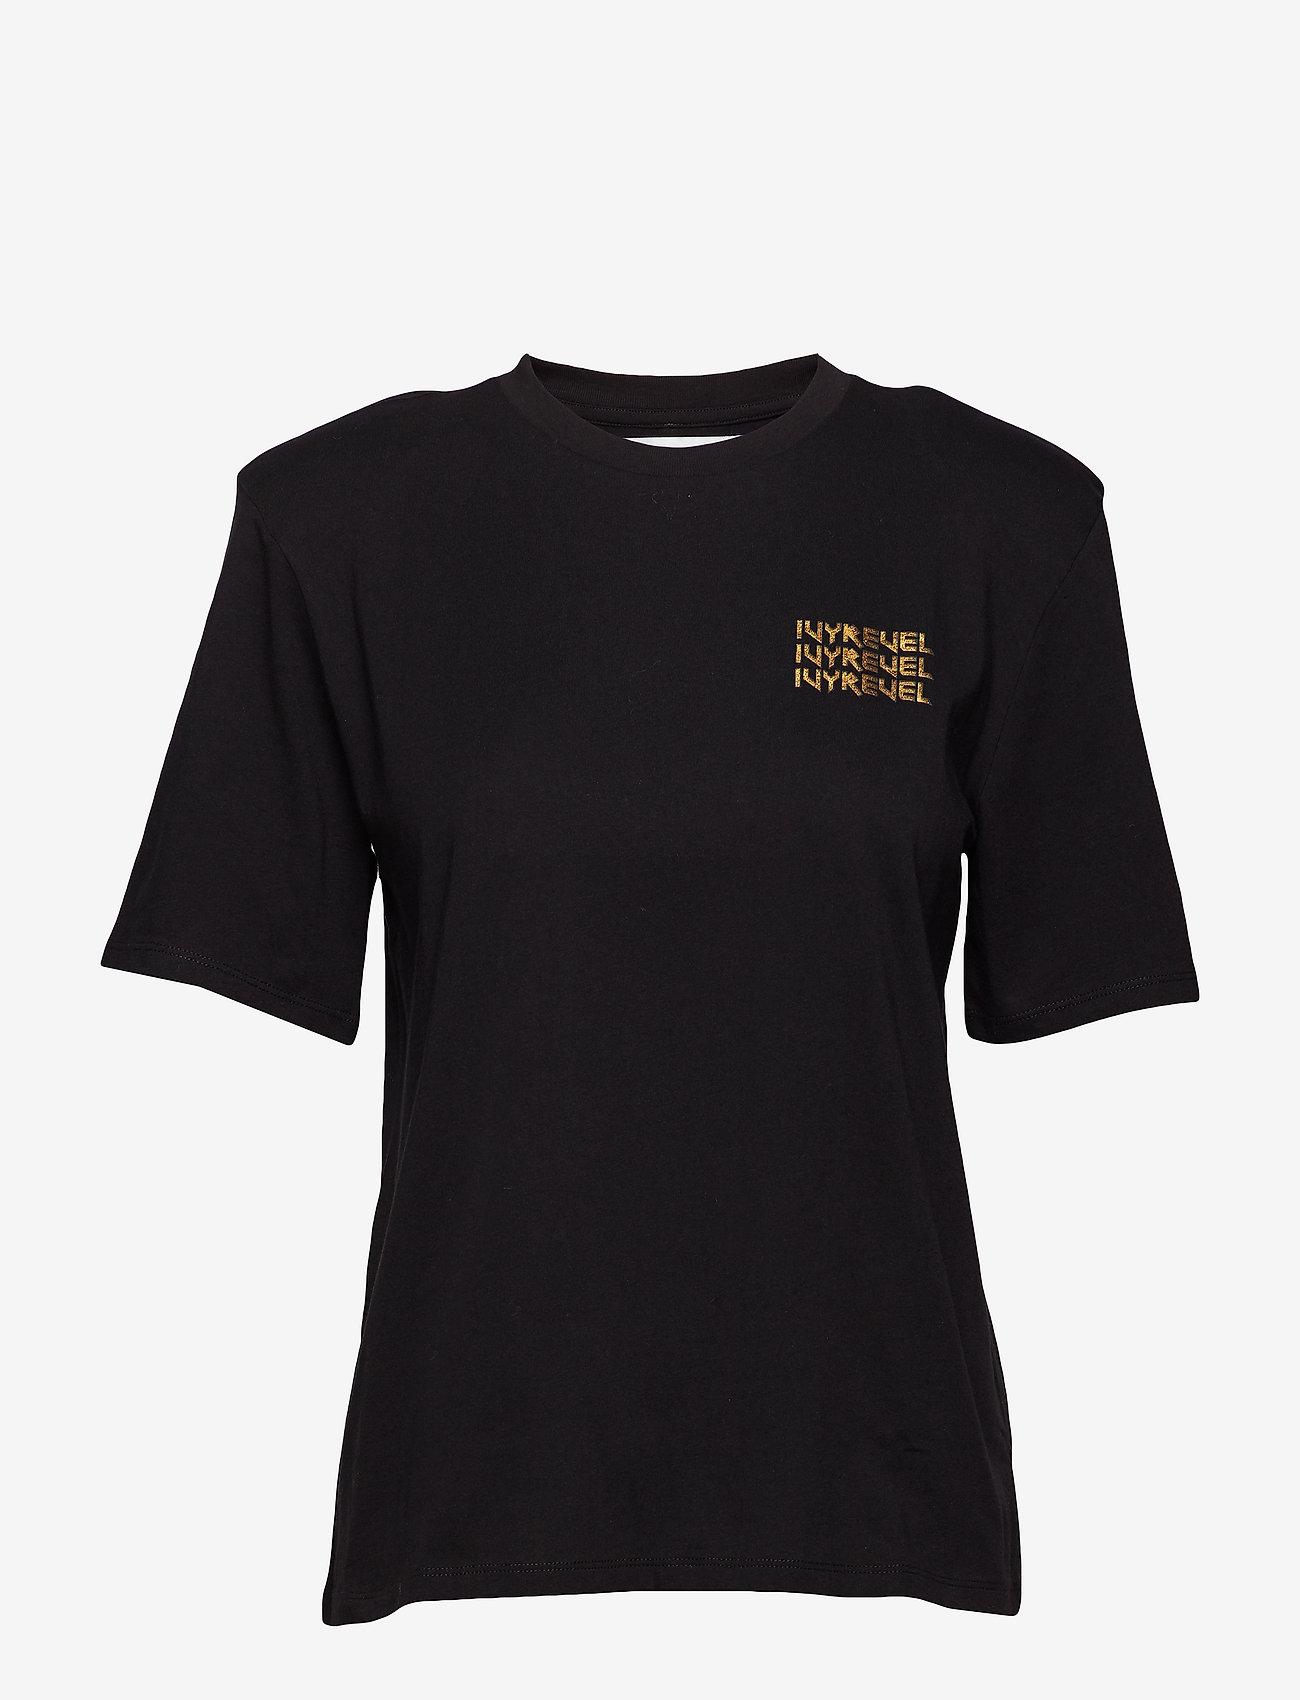 Ivyrevel - IVY TSHIRT - printed t-shirts - black